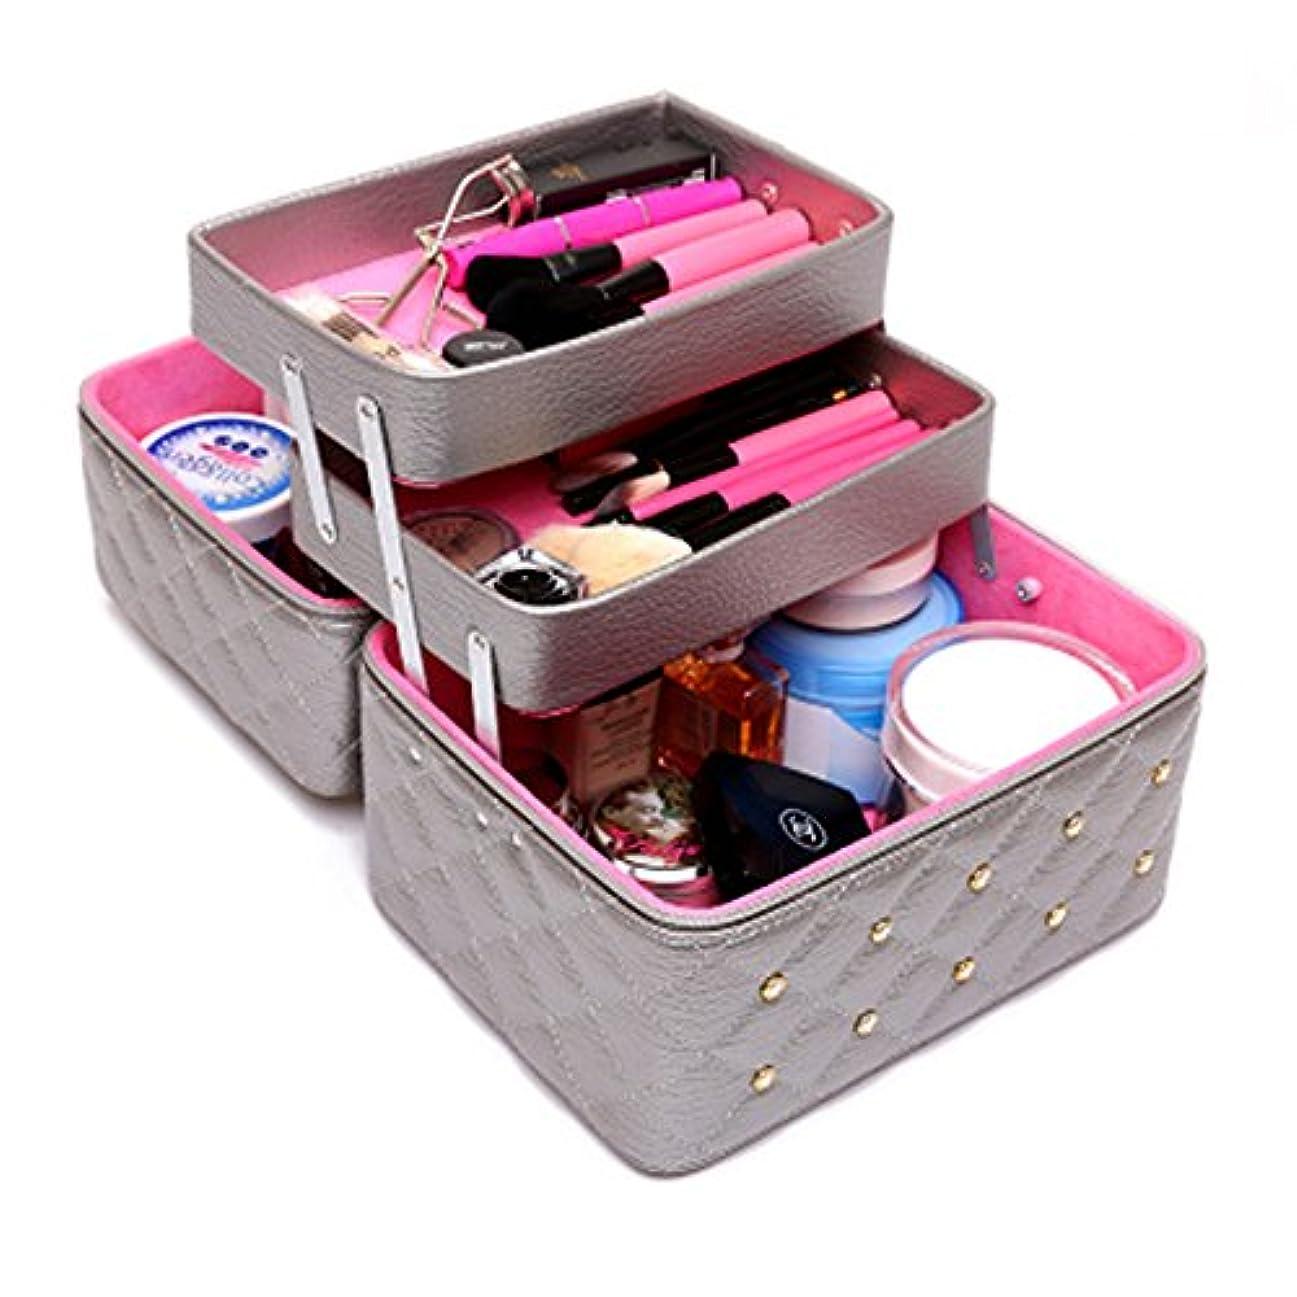 スタッフ毒液影響を受けやすいですFYX メイクボックス コスメボックス 大容量 化粧品収納ボックス 収納ケース 小物入れ 大容量 取っ手付 (グレー)